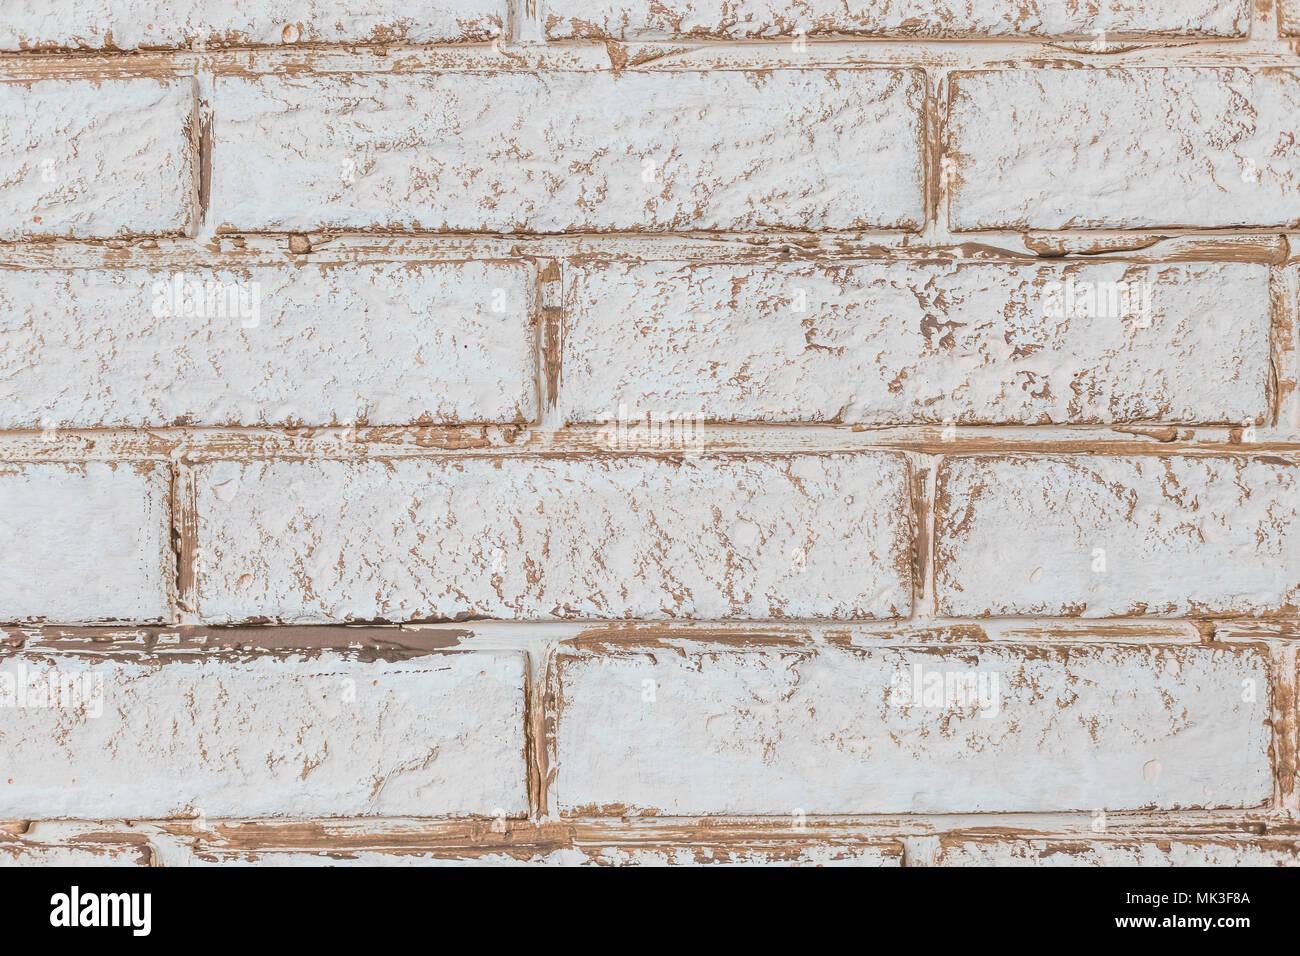 Mur En Brique Blanche, Parfait Comme Arrière Plan, Carré Blanc De Style  Loft.mur.grungy Rusty Blocs De Maçonnerie Technology